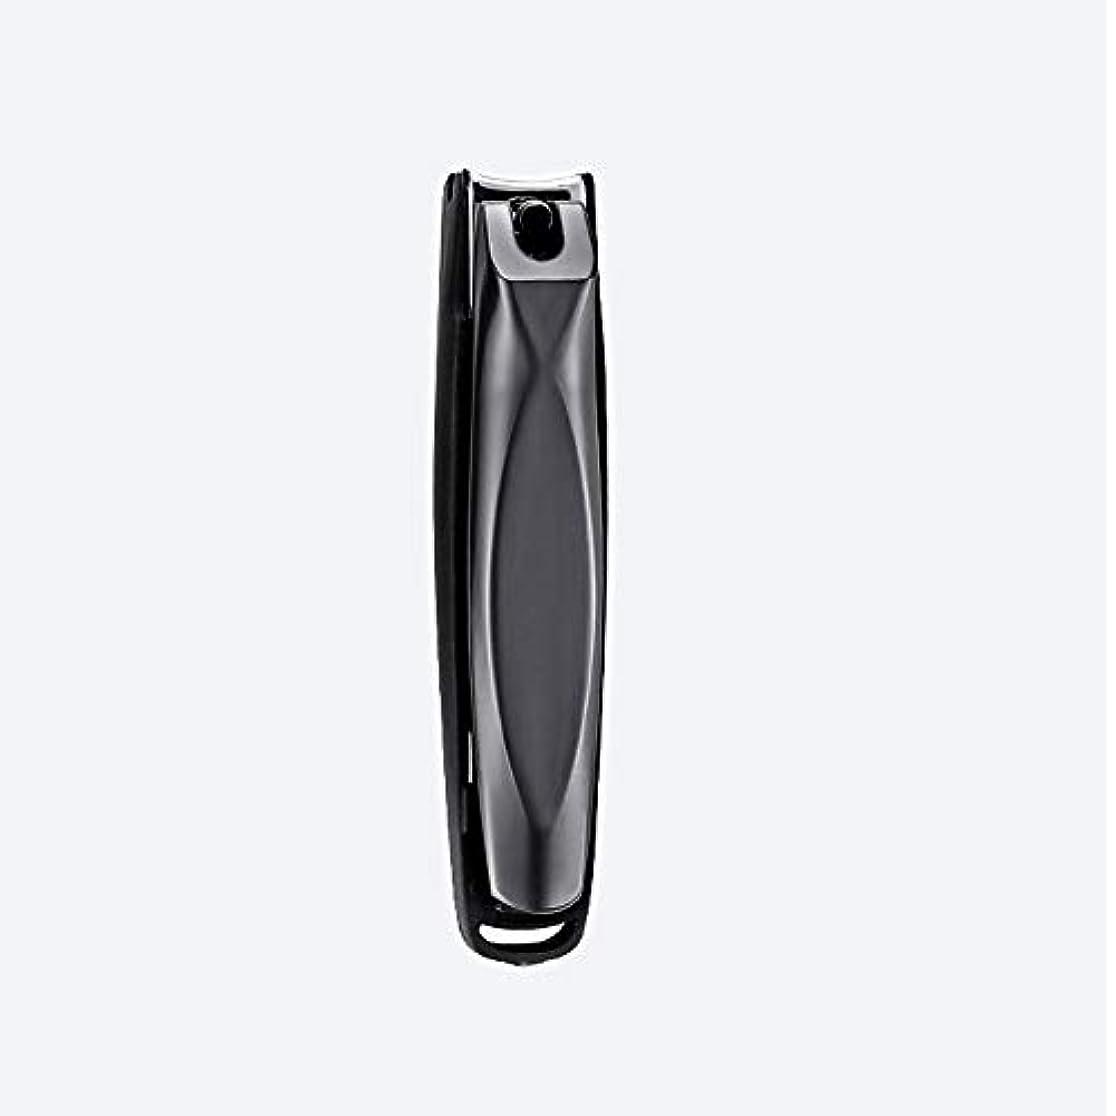 スコア畝間ファイターネイルクリッパーセット、爪&足の爪切り、大人のための耐久性のある鋭いステンレス鋼のネイルカッター Blingstars (Size : 7.5cm)